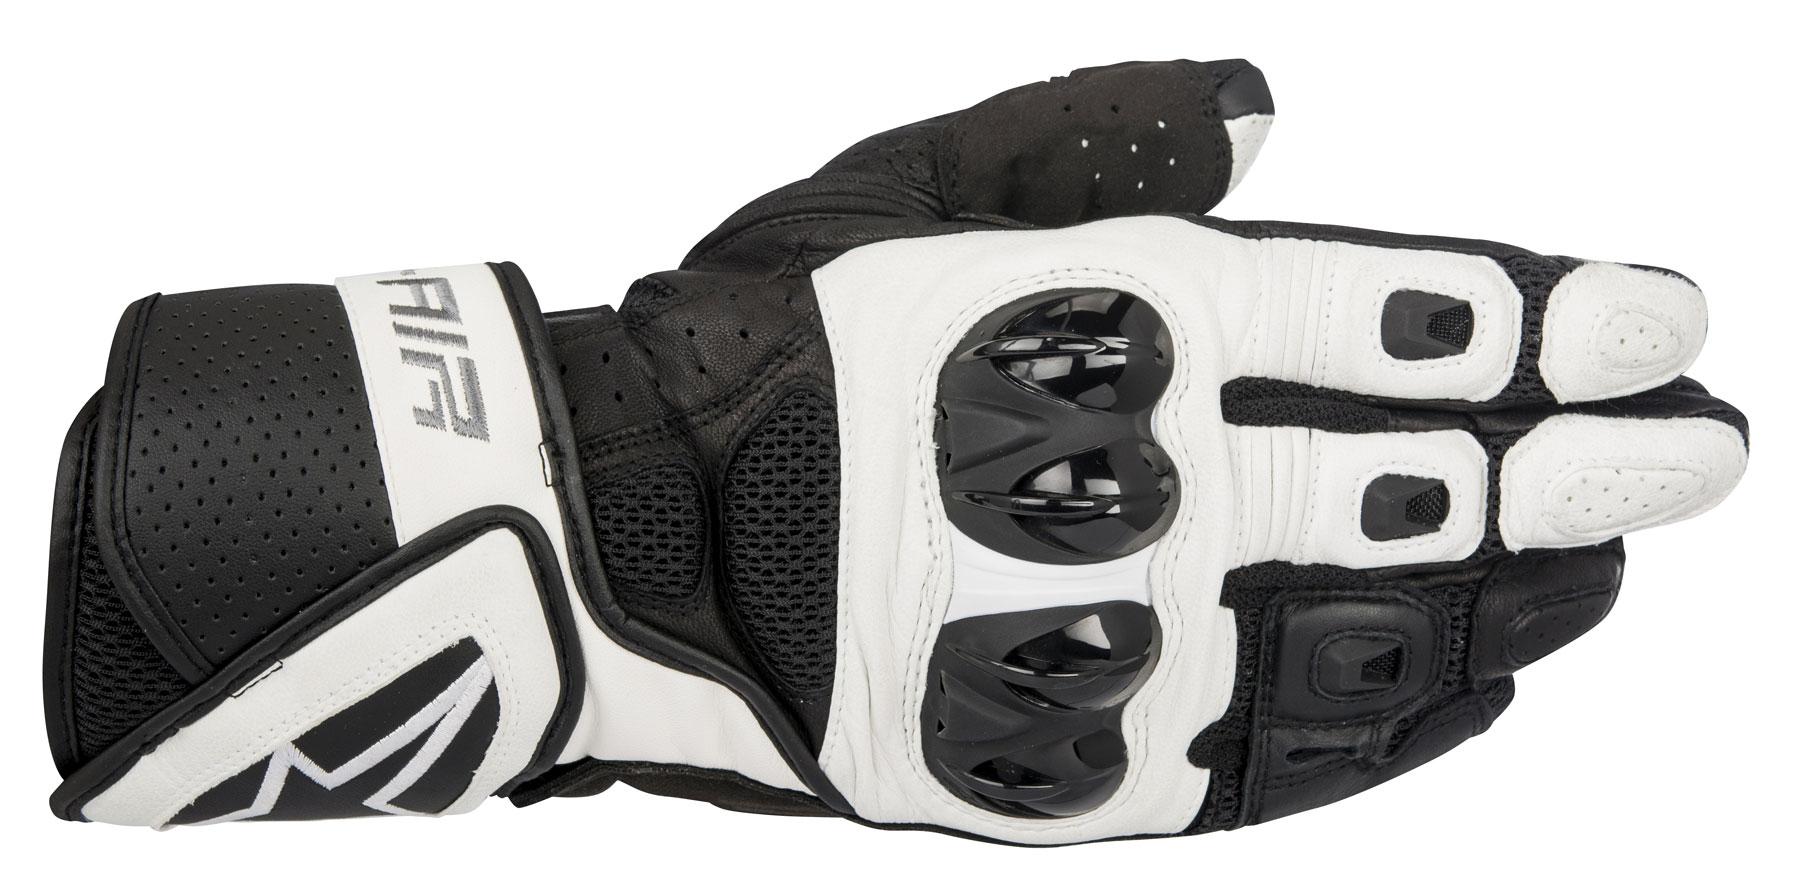 Alpinestars SP AIR Leather/Mesh Gloves (Black/White)